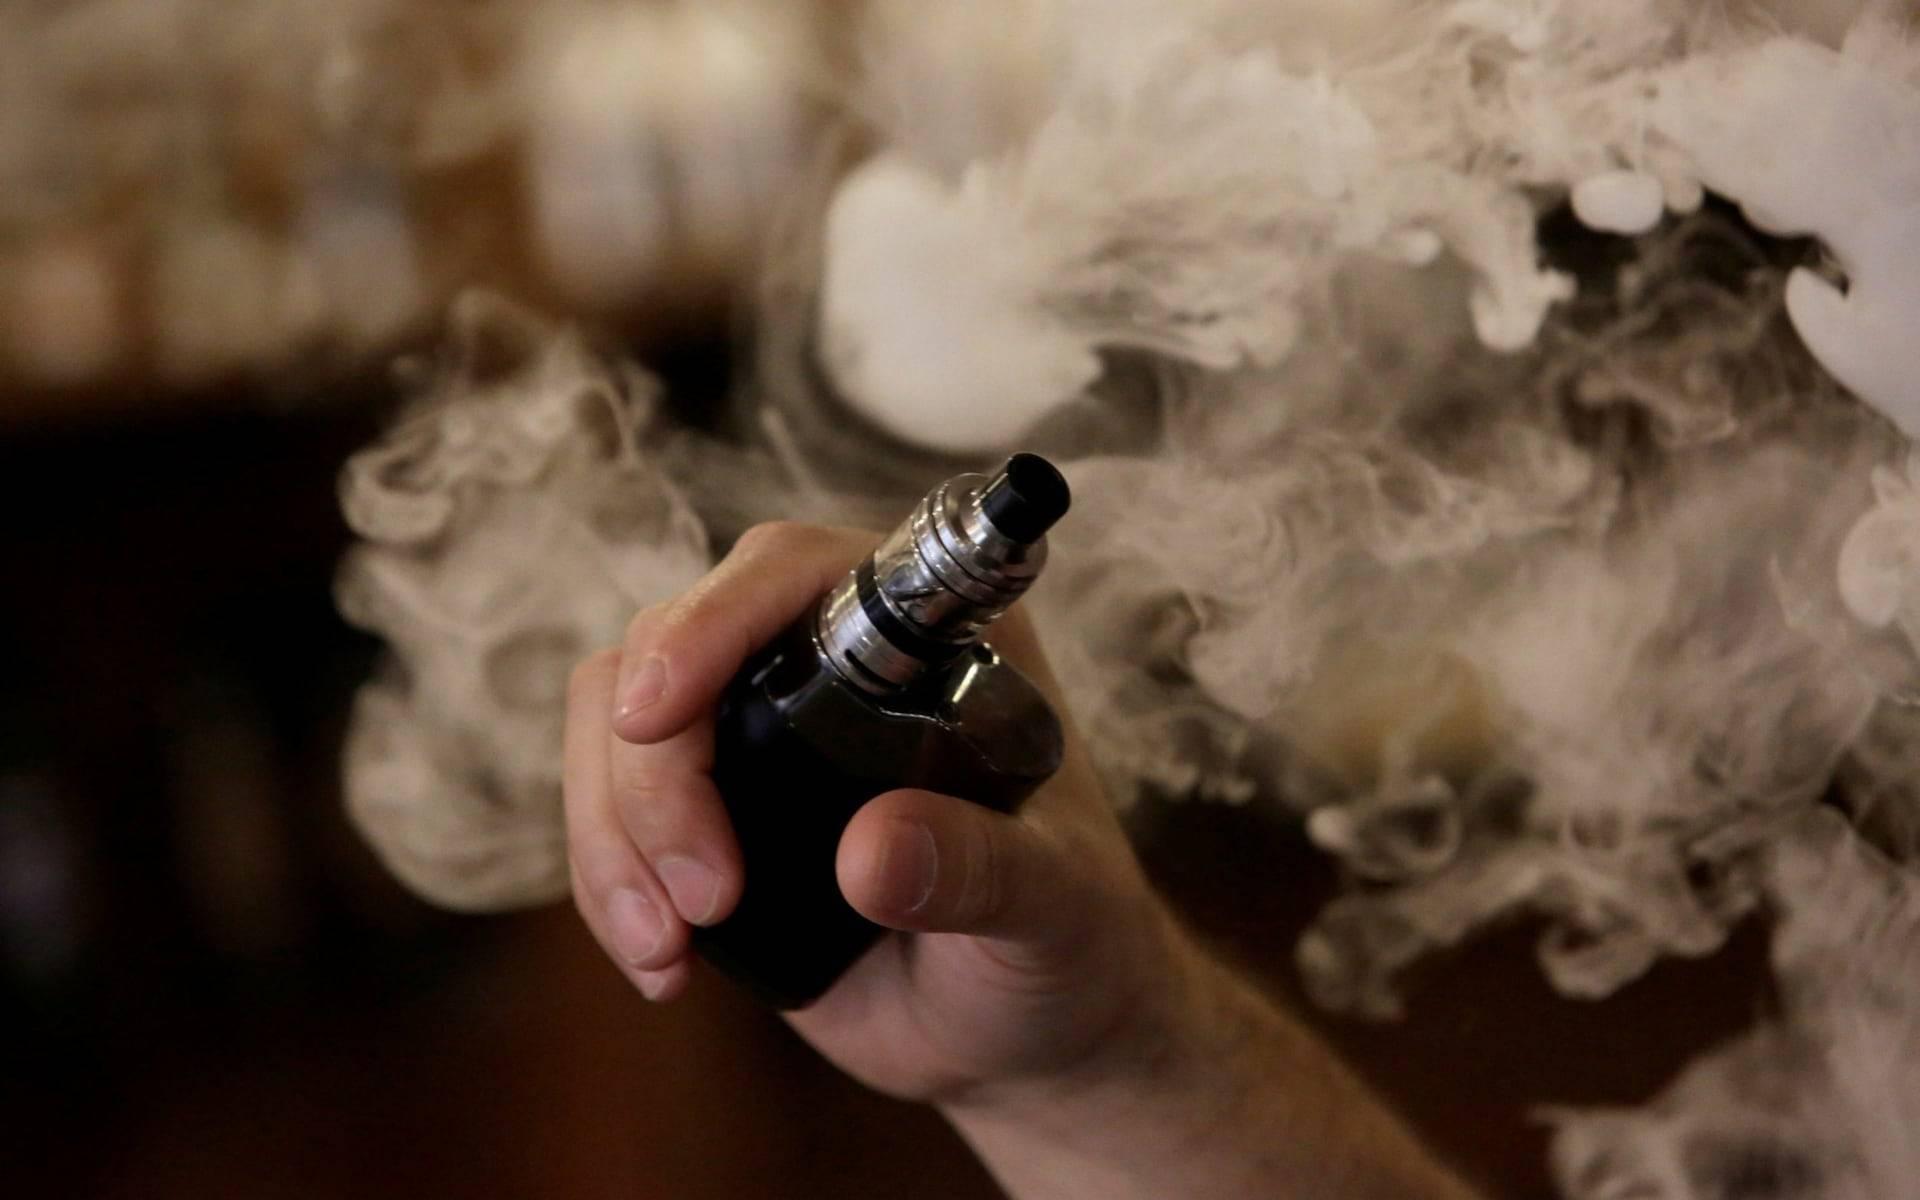 Почему электронная сигарета плюется жидкостью, брызгает или попадает в воздуховод?